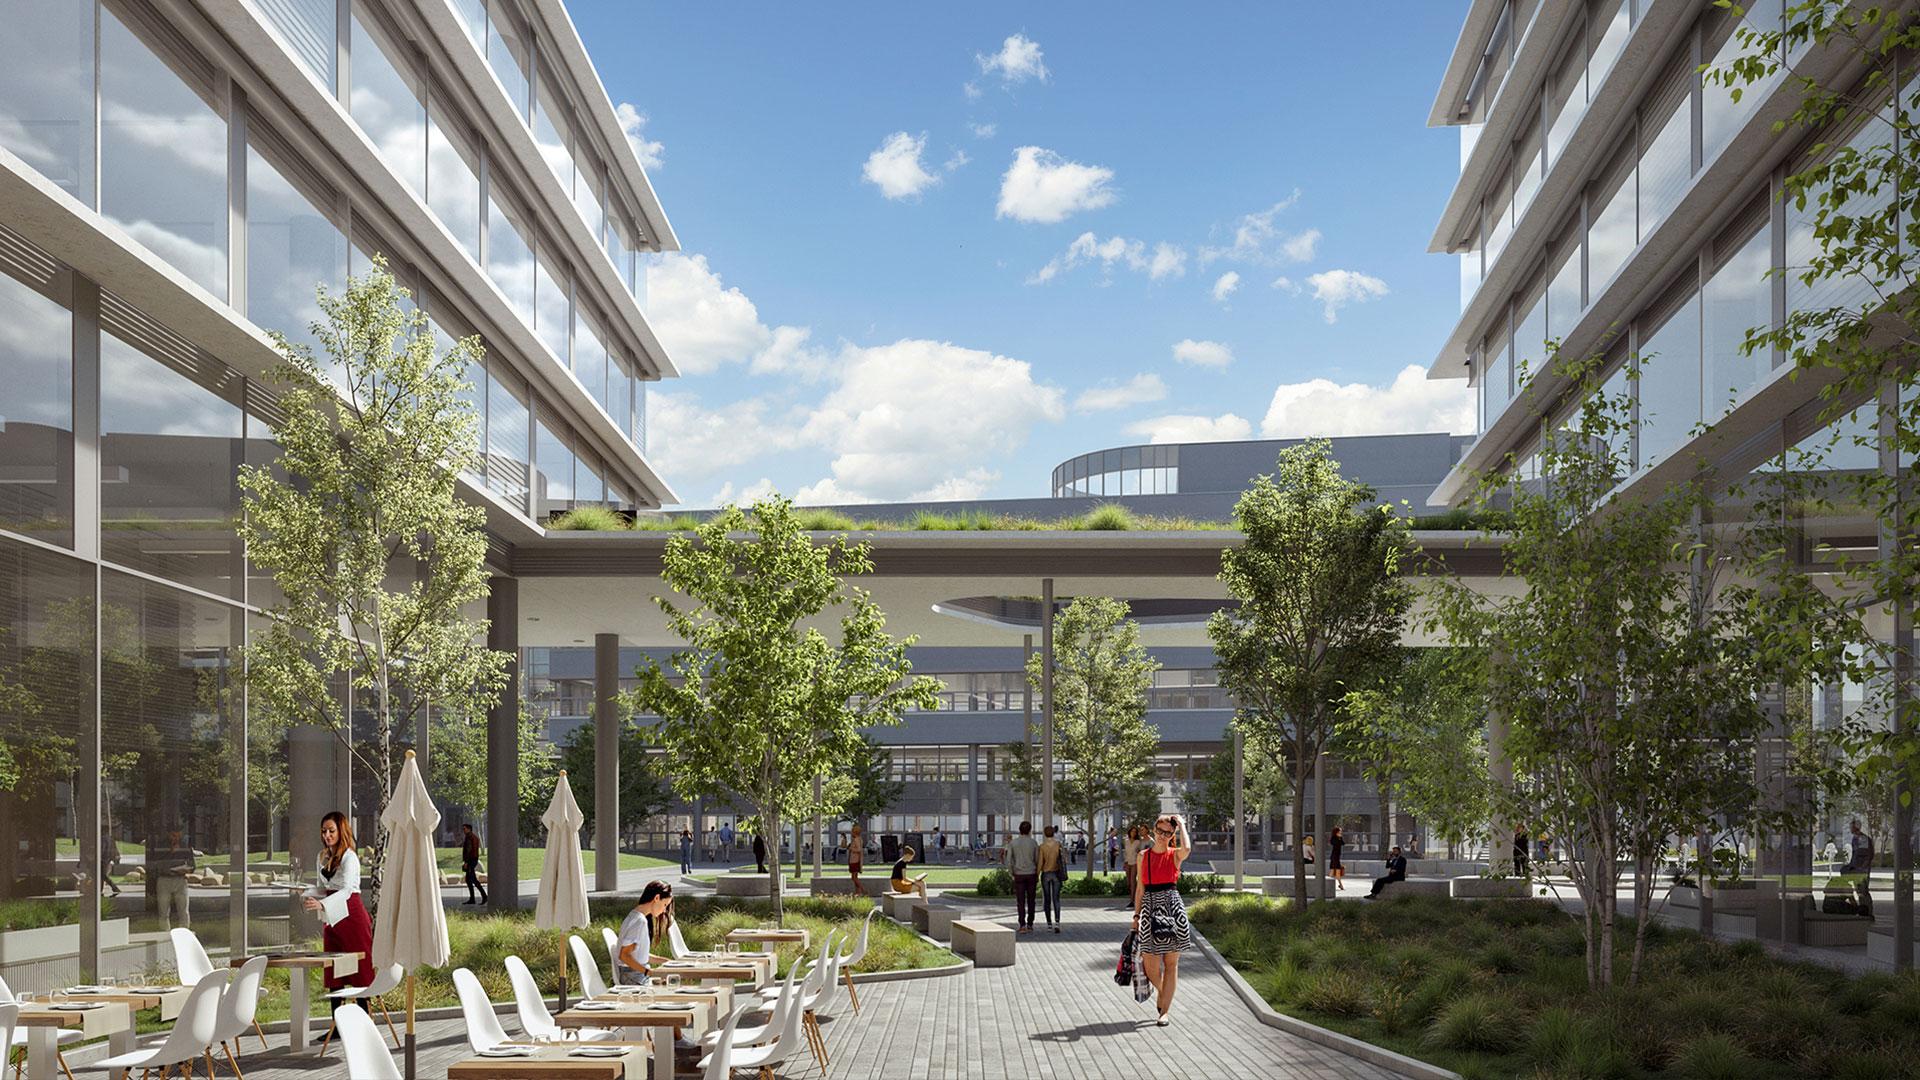 Az fmbusiness.hu facility management hírportál beszámolója az új, 32 000 négyzetméteres budapesti irodáról